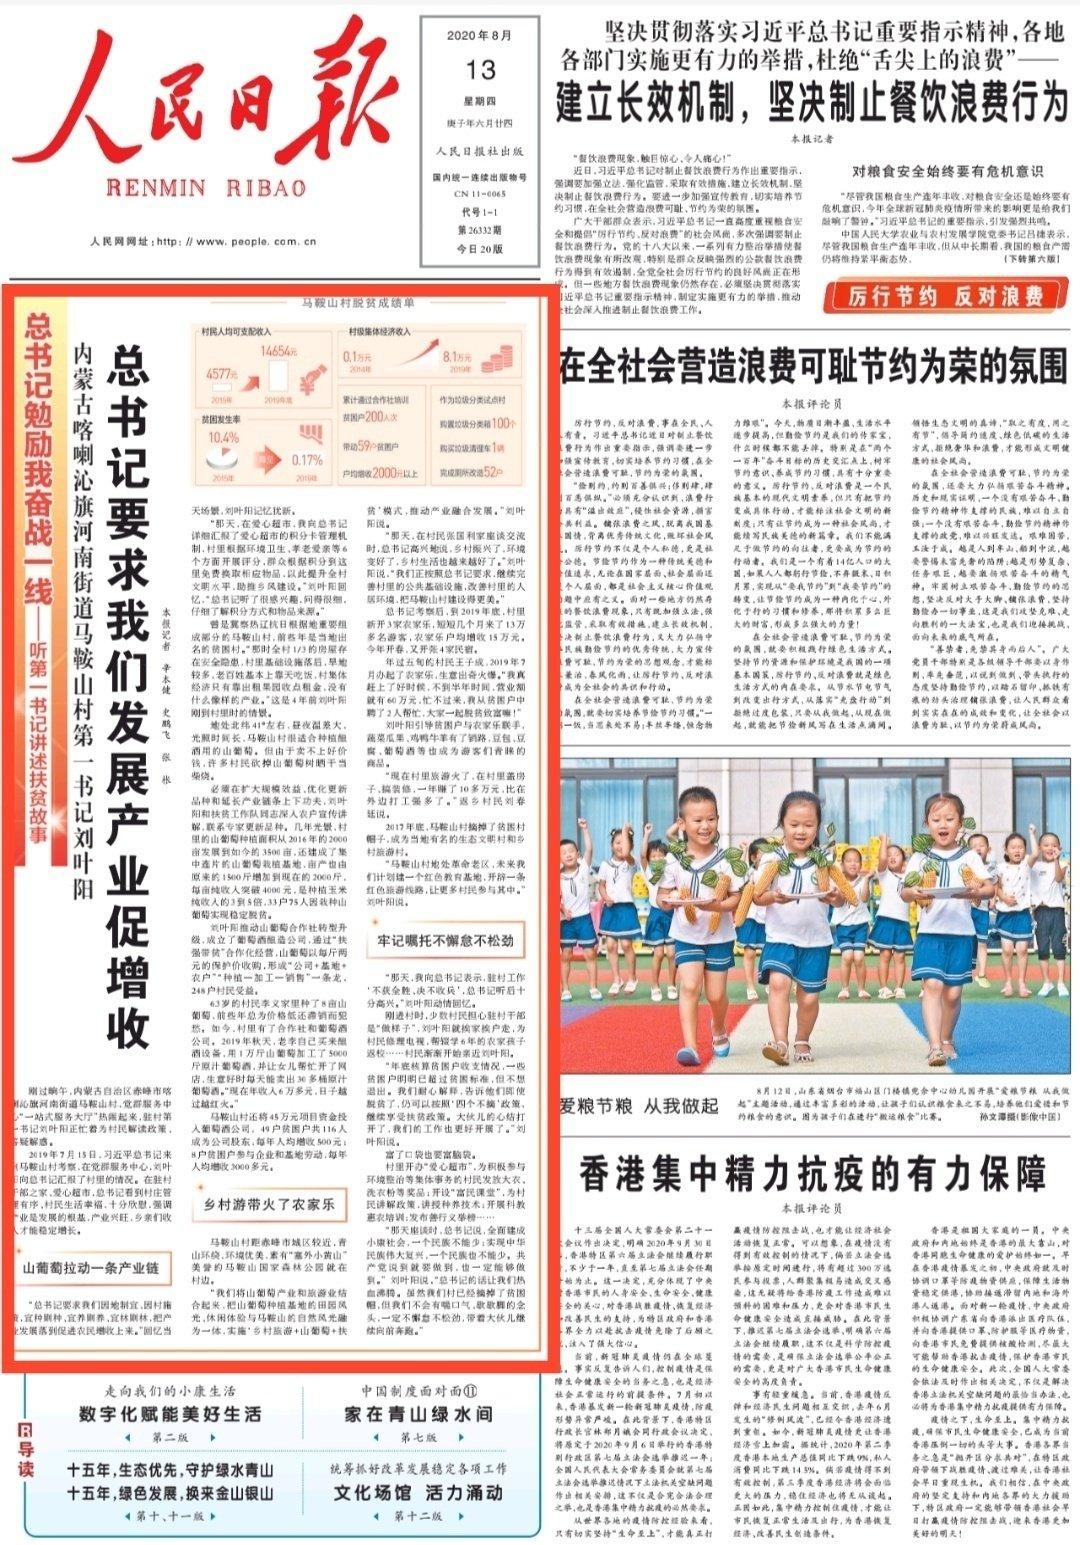 【人民日报头版头条看内蒙古】总书记要求我们发展产业促增收